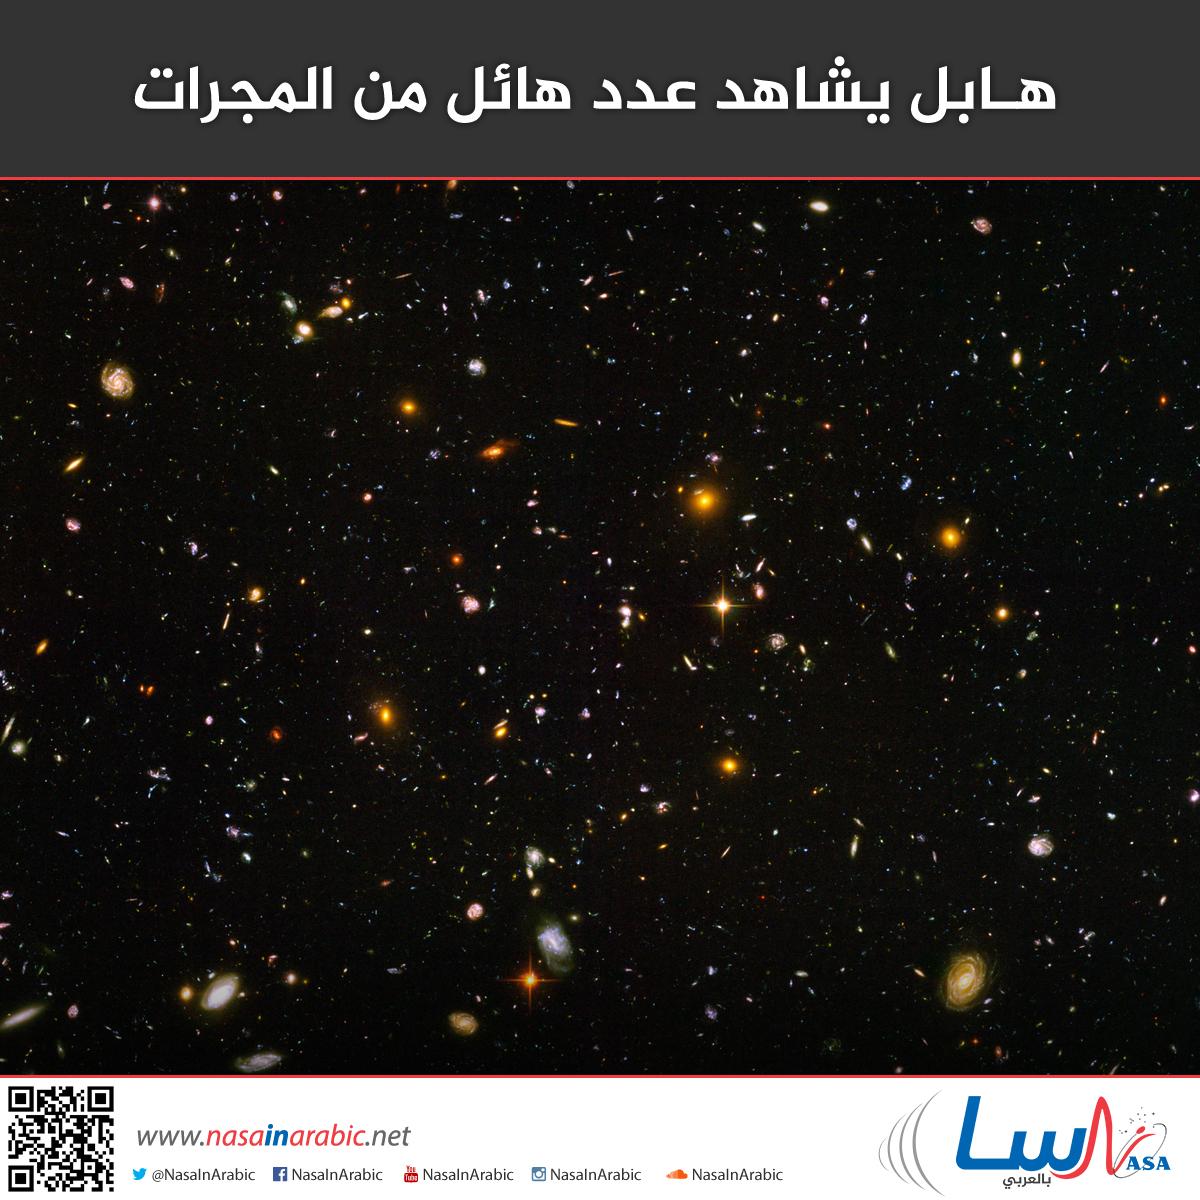 هـابل يشاهد عدد هائل من المجرات